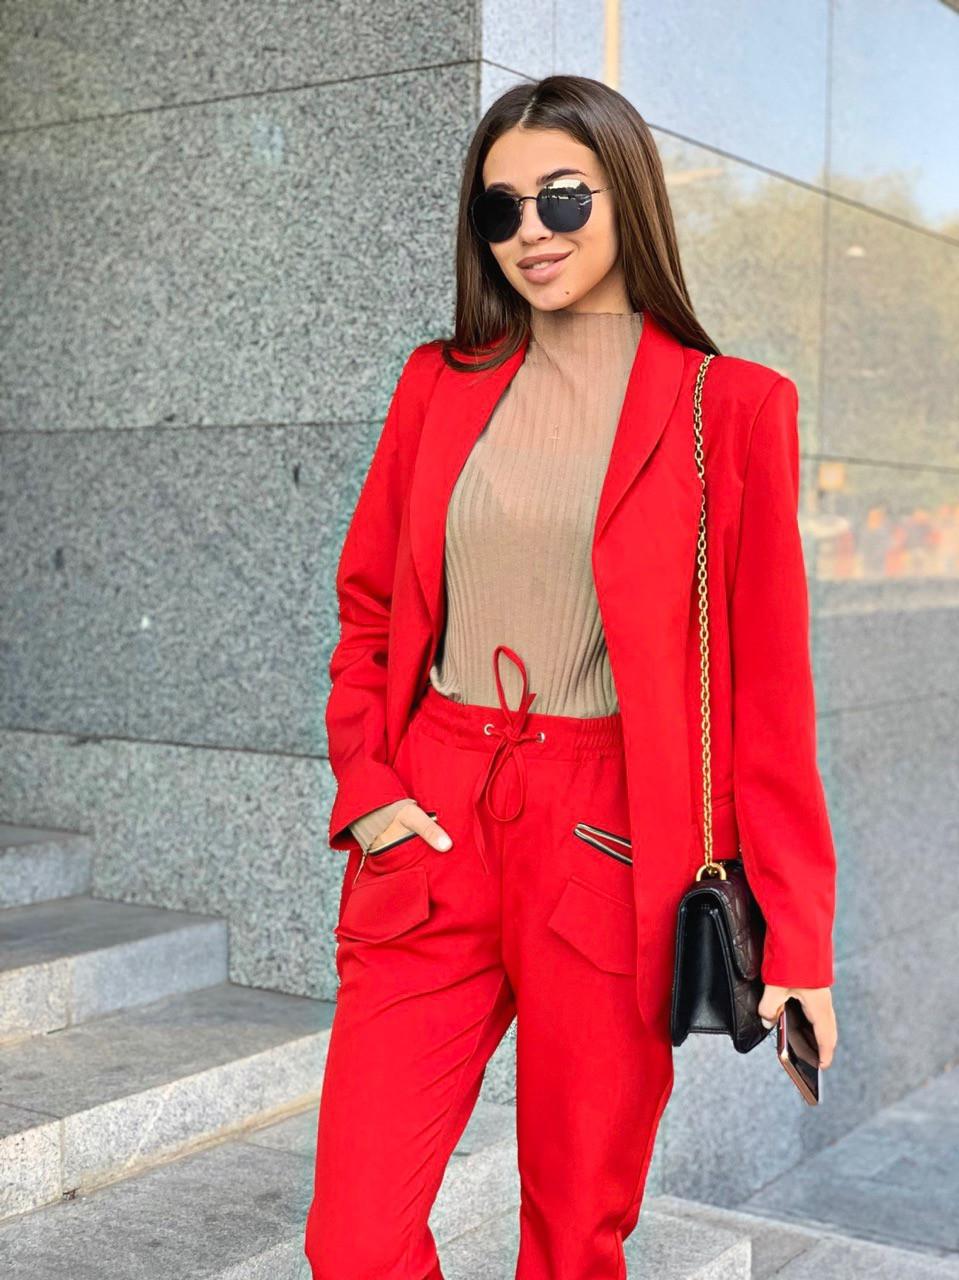 Женский брючный костюм с пиджаком и резинкой на брюках tez6310249